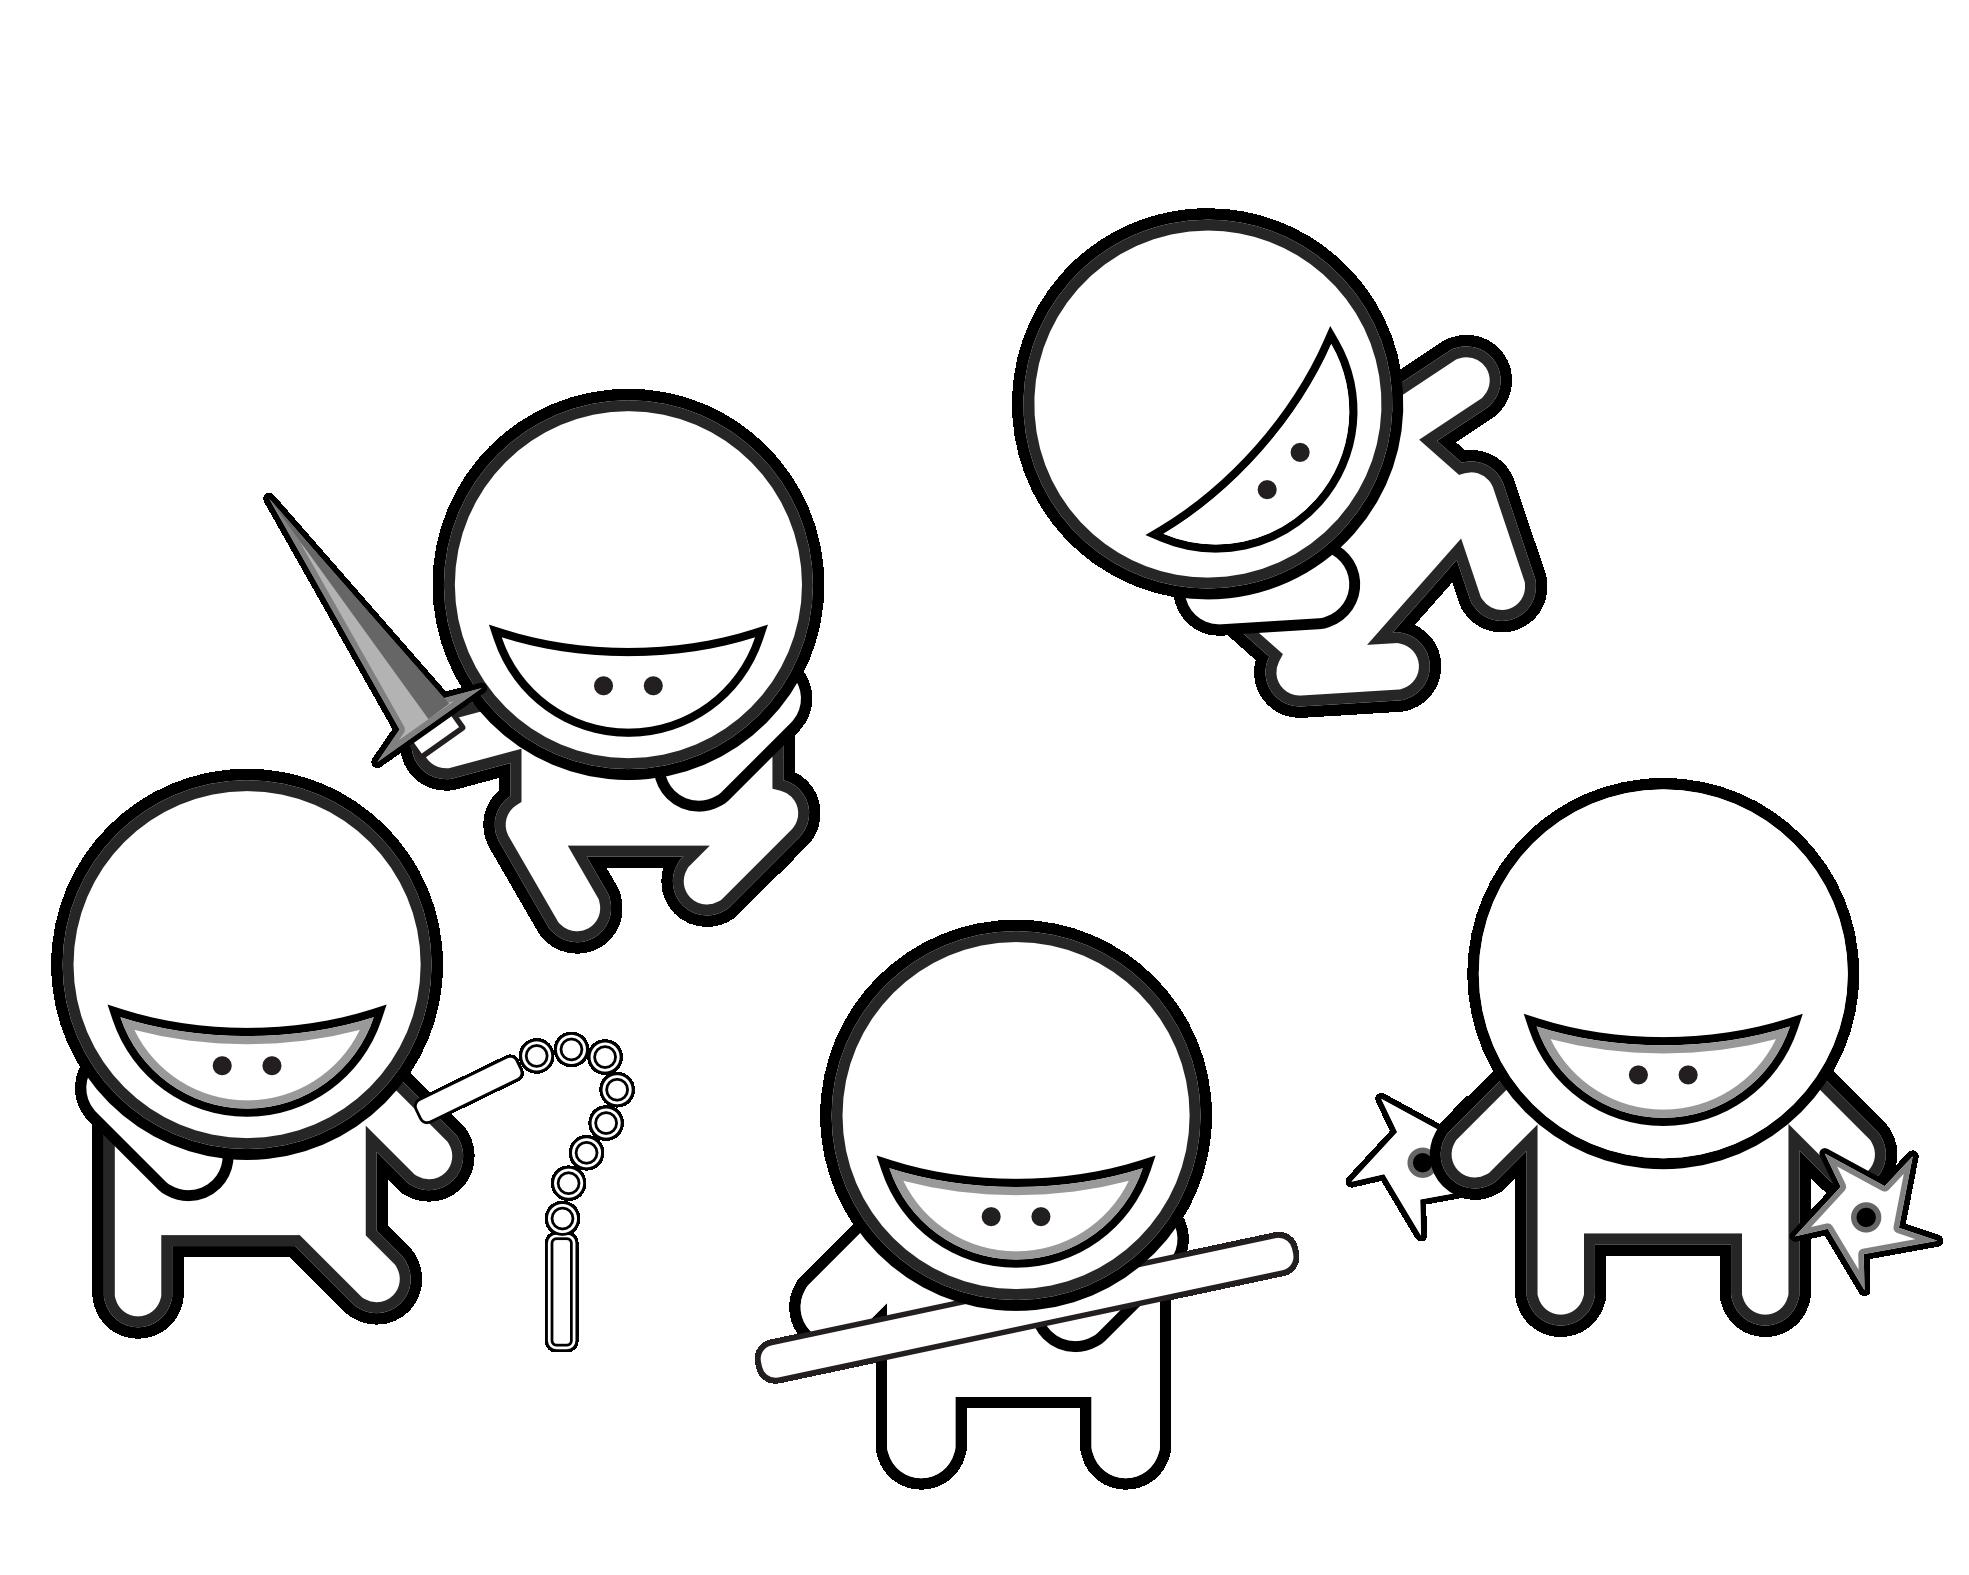 Free black and white. Ninja clipart cartoon chinese